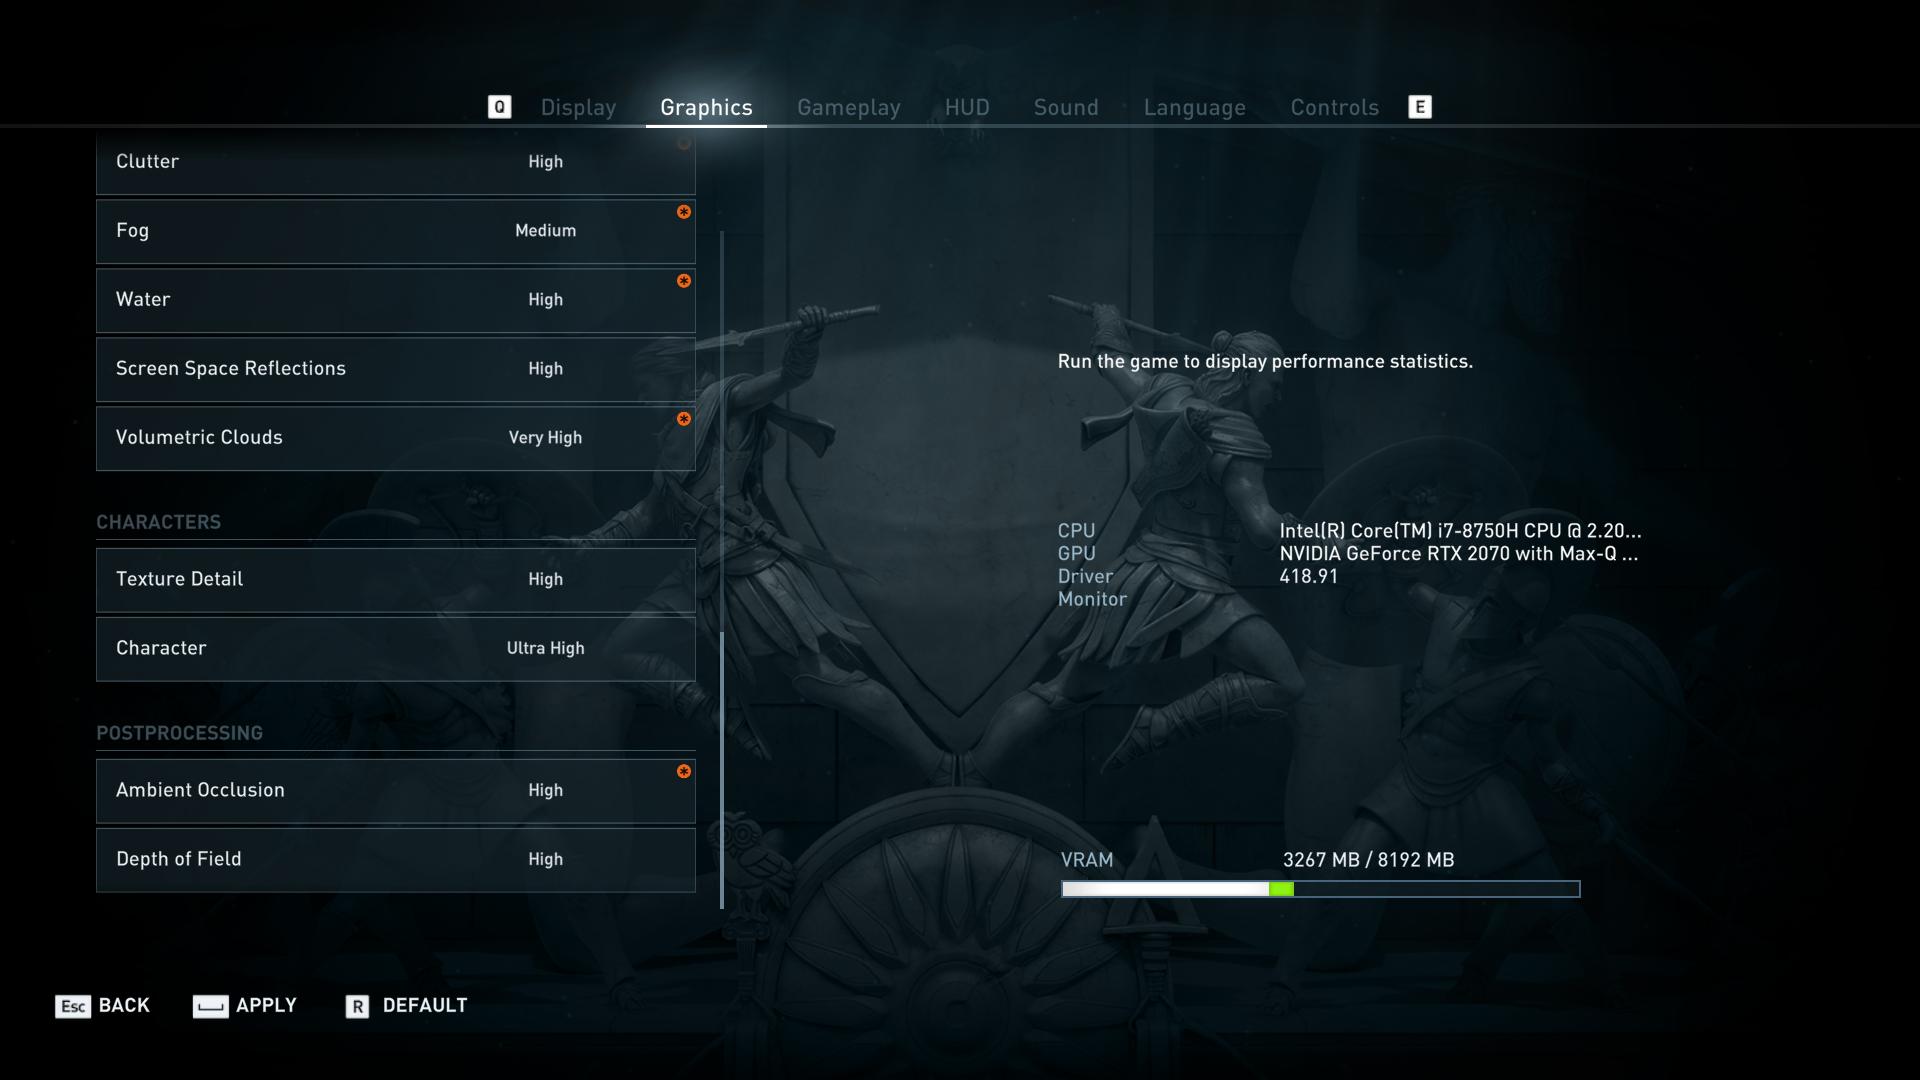 assassins-creed-odyssey-screenshot-2019-02-16-12-09-28-75